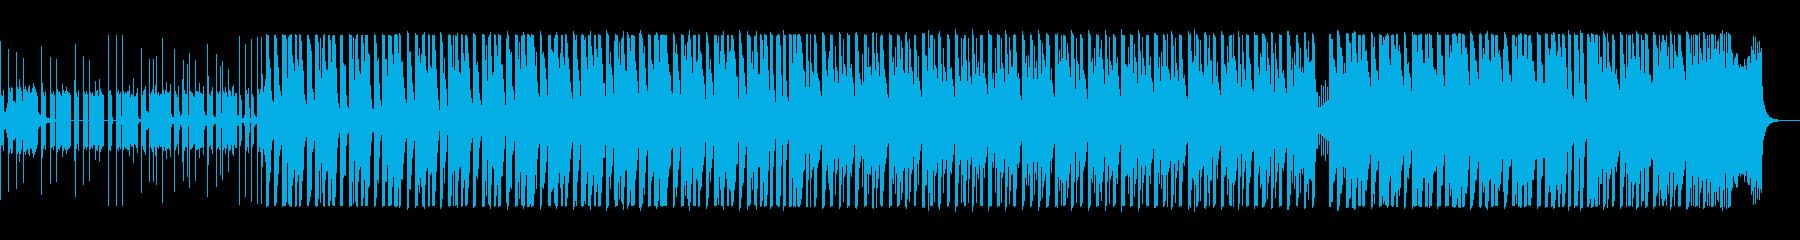 軽やかなエレクトロポップスの再生済みの波形